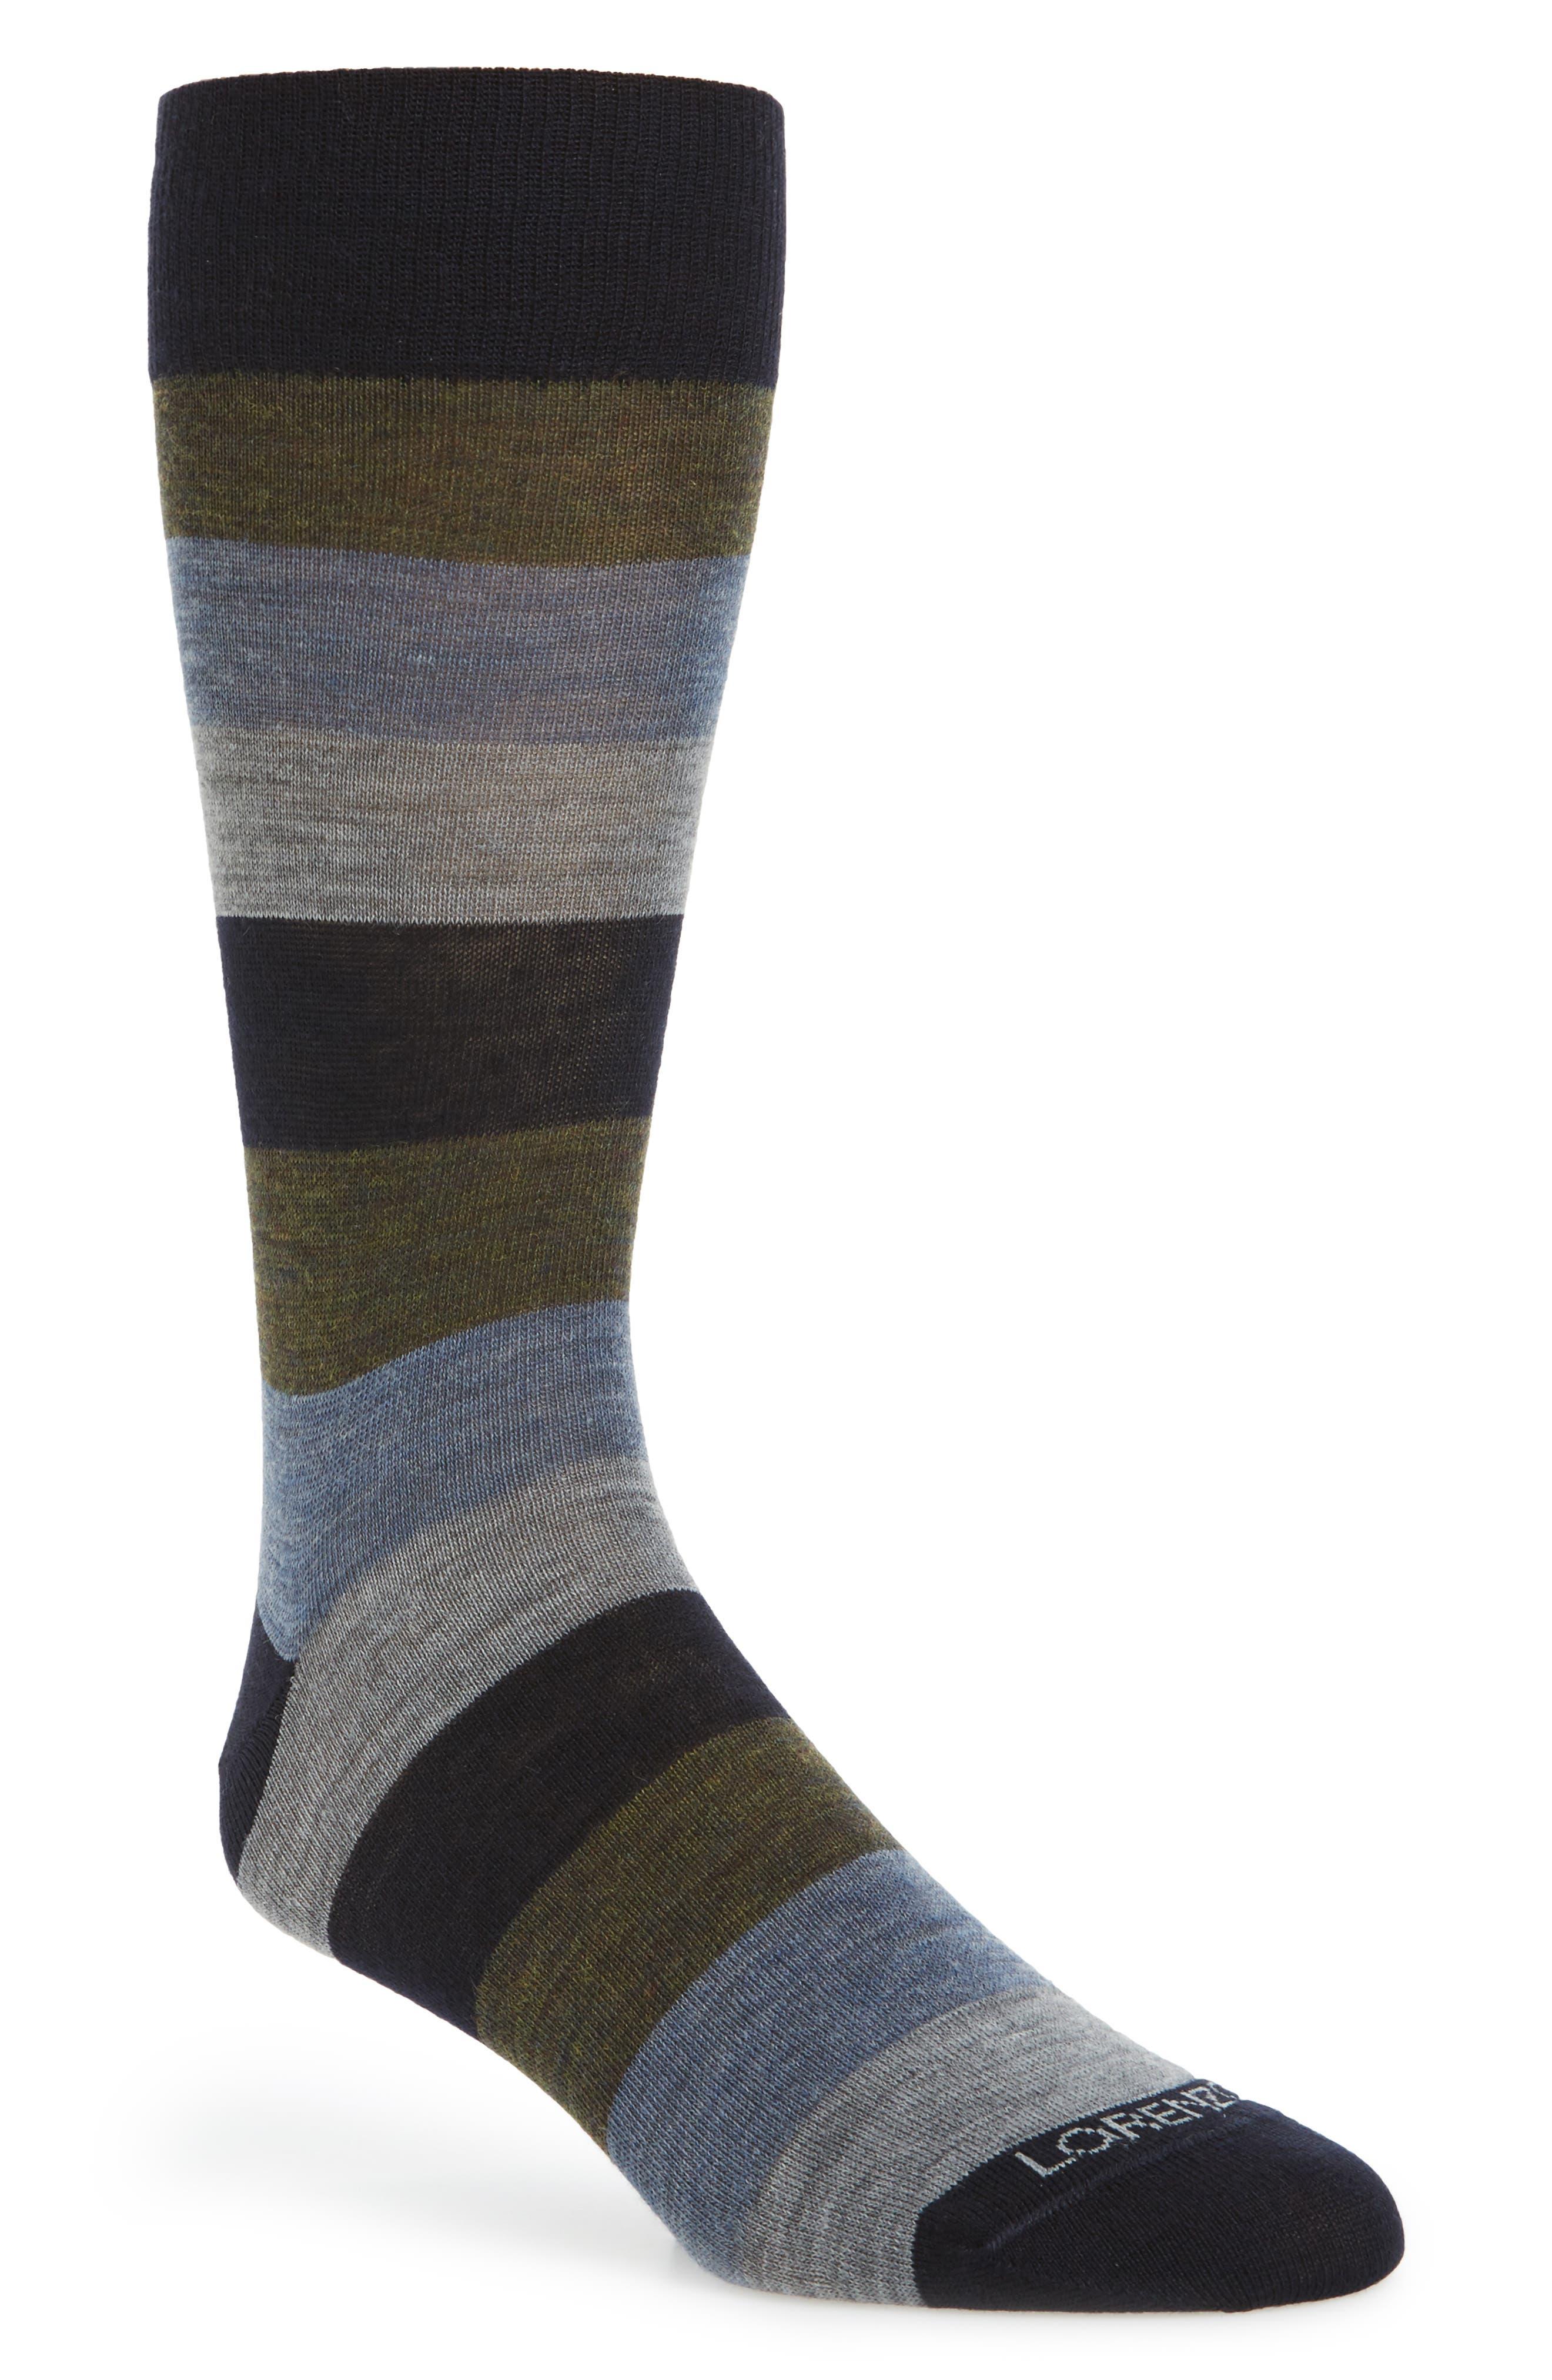 Main Image - Lorenzo Uomo Colorblock Socks